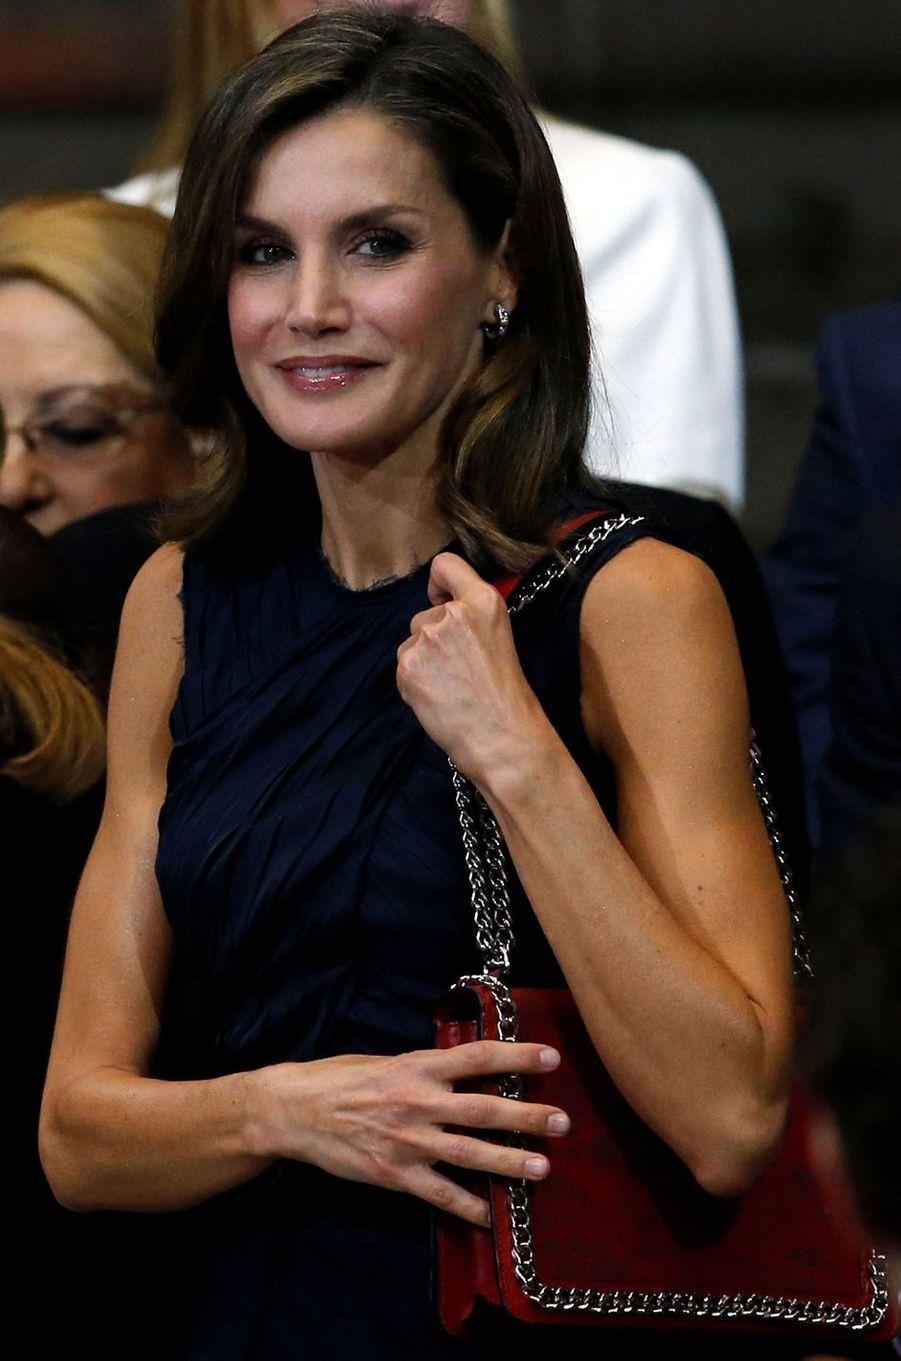 La reine Letizia d'Espagne à un sommet mondial sur le cancer à Mexico, le 14 novembre 2017